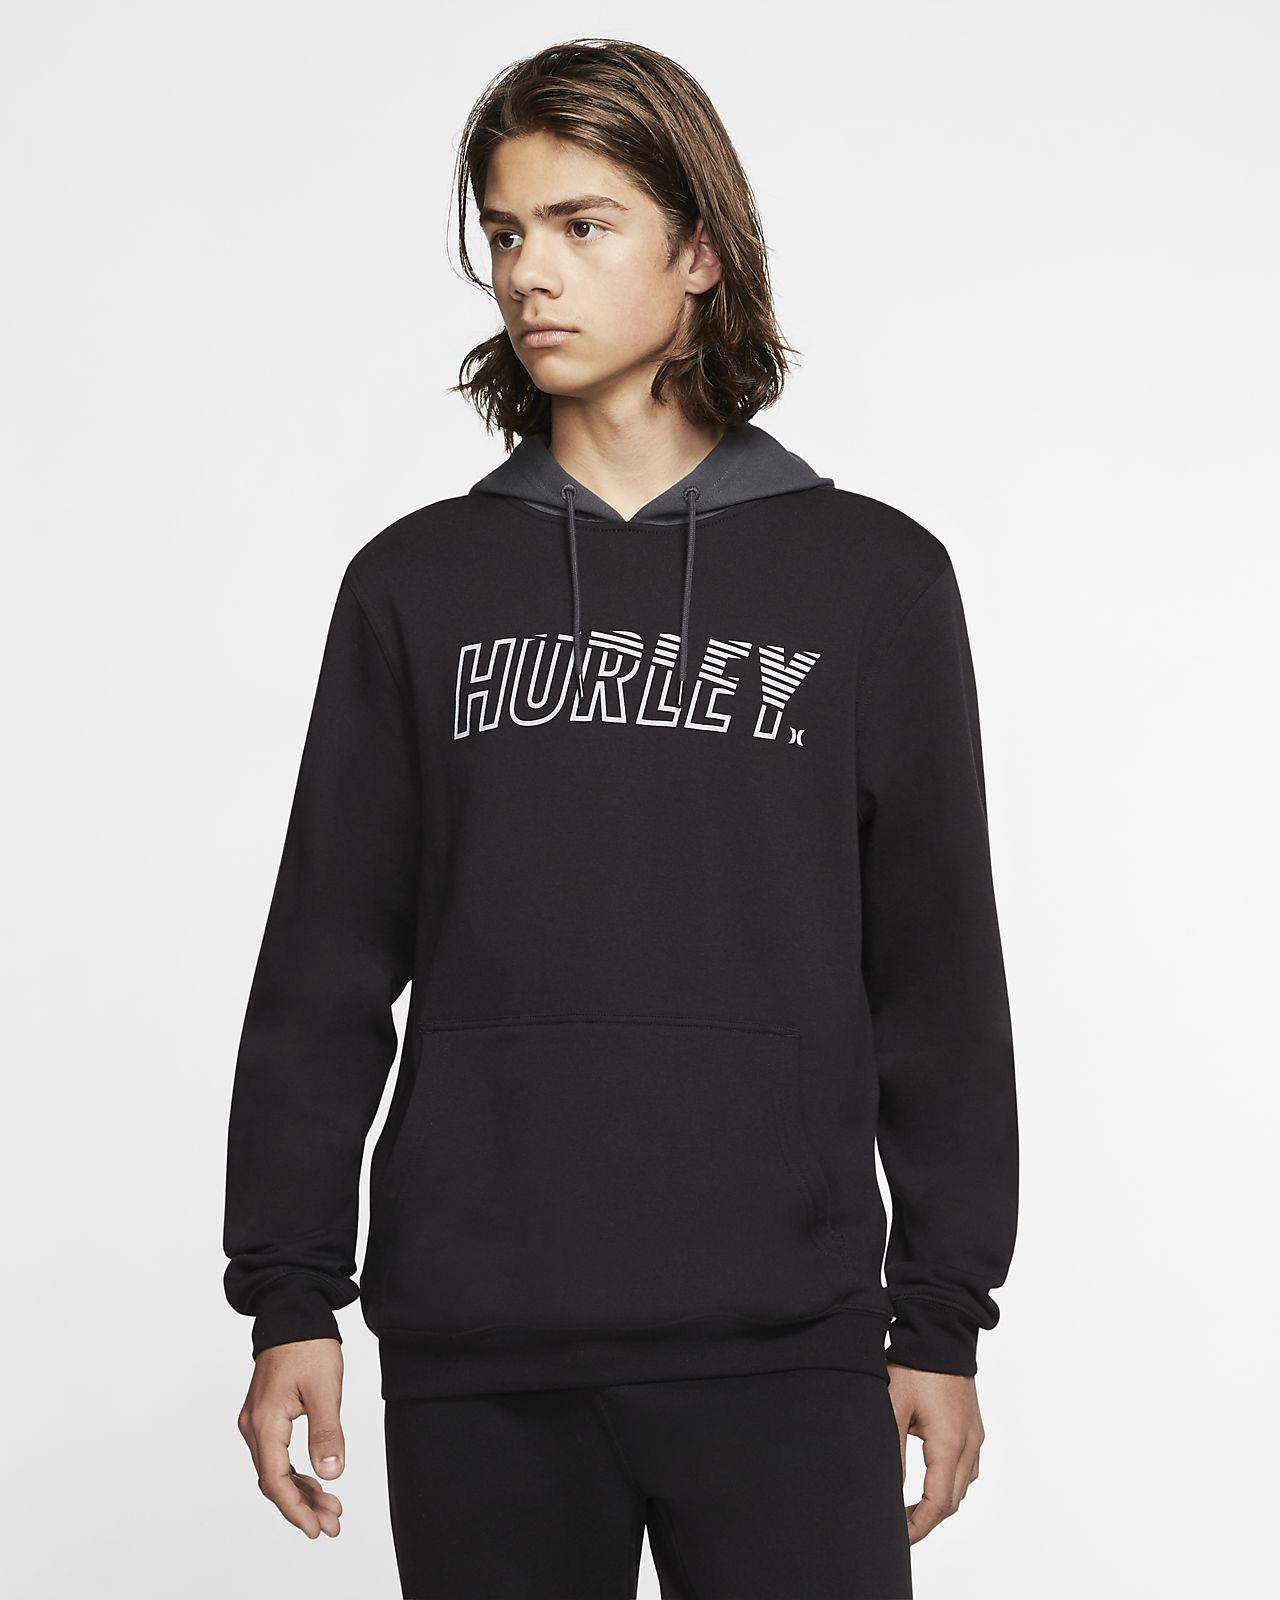 Hurley Onshore Erkek Sweatshirt'ü